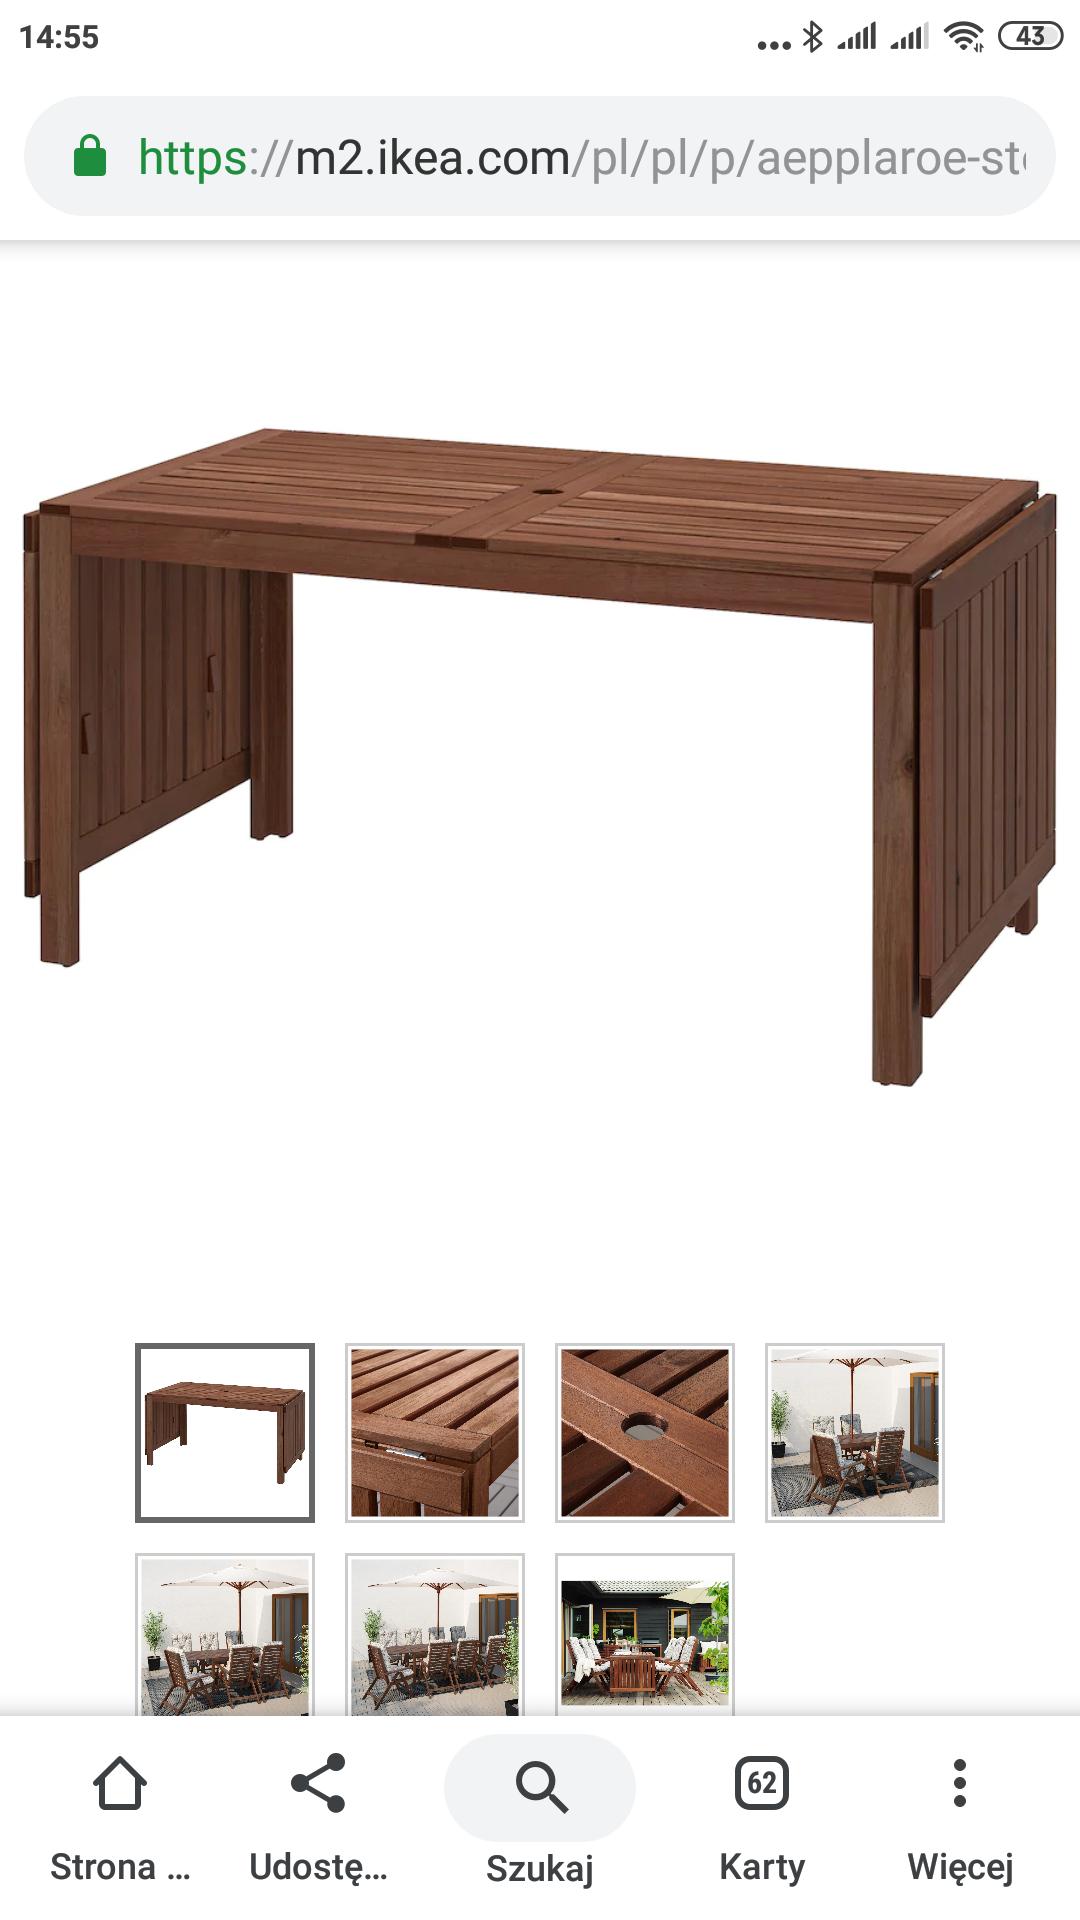 Stół z opuszczanym blatem Ikea z kartą Ikea family. Dostawa od 29 zł